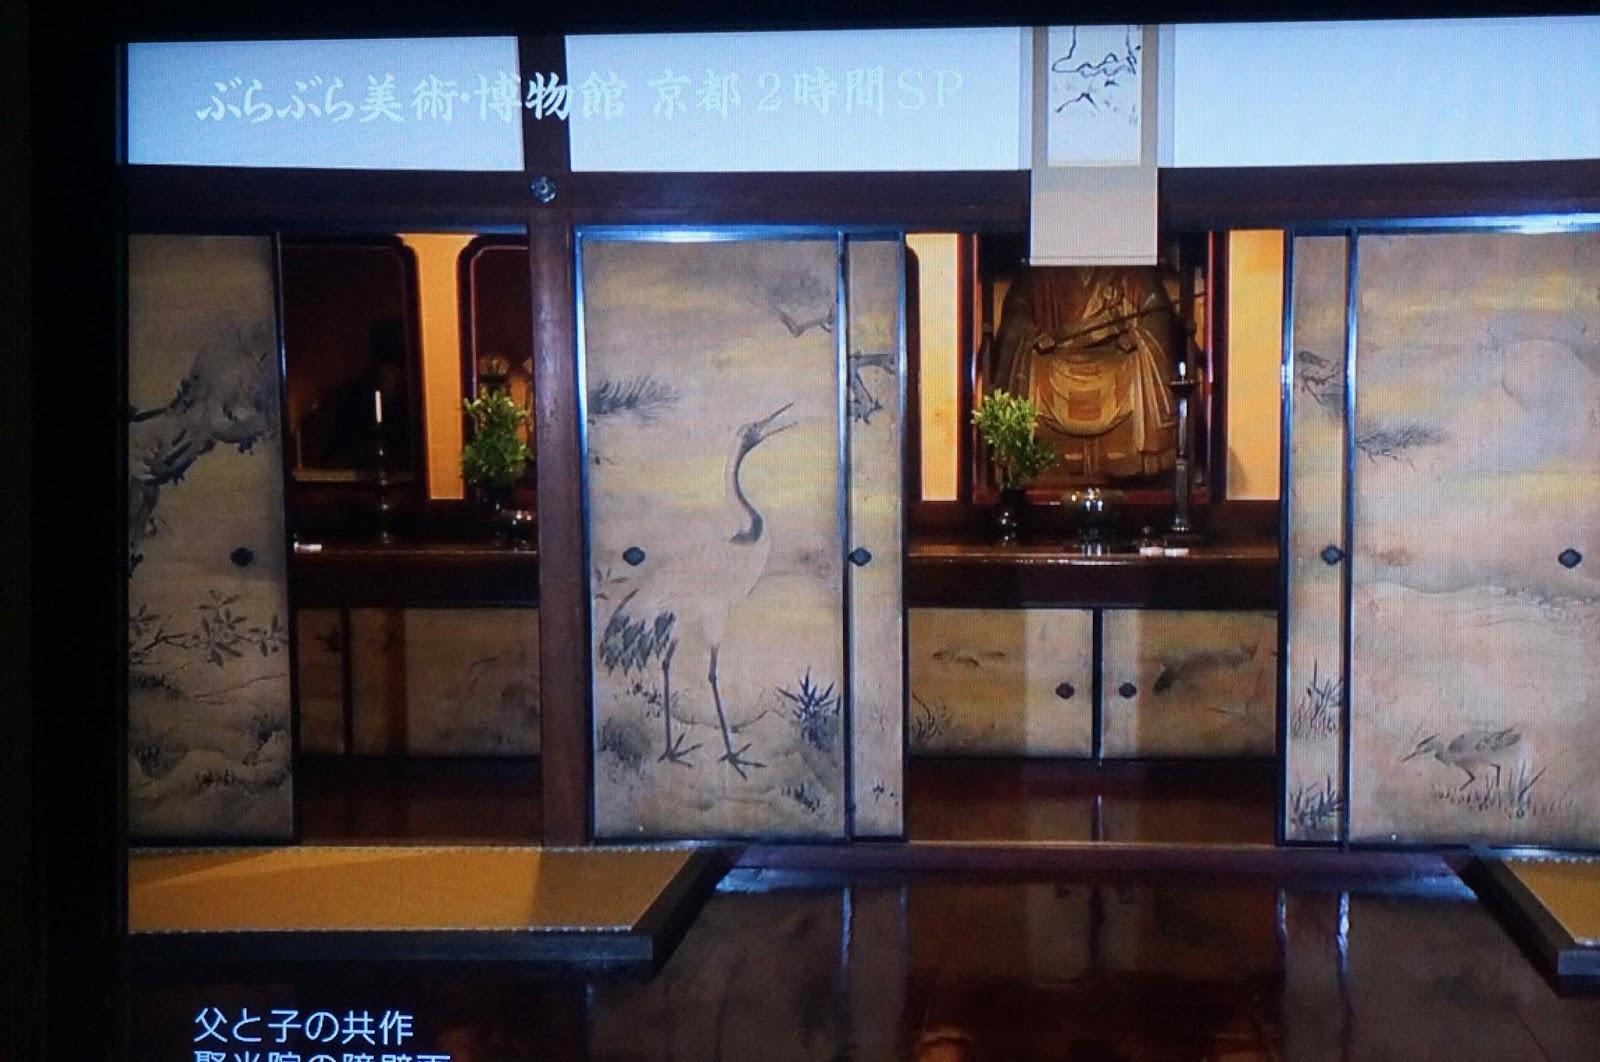 狩野松栄の画像 p1_22